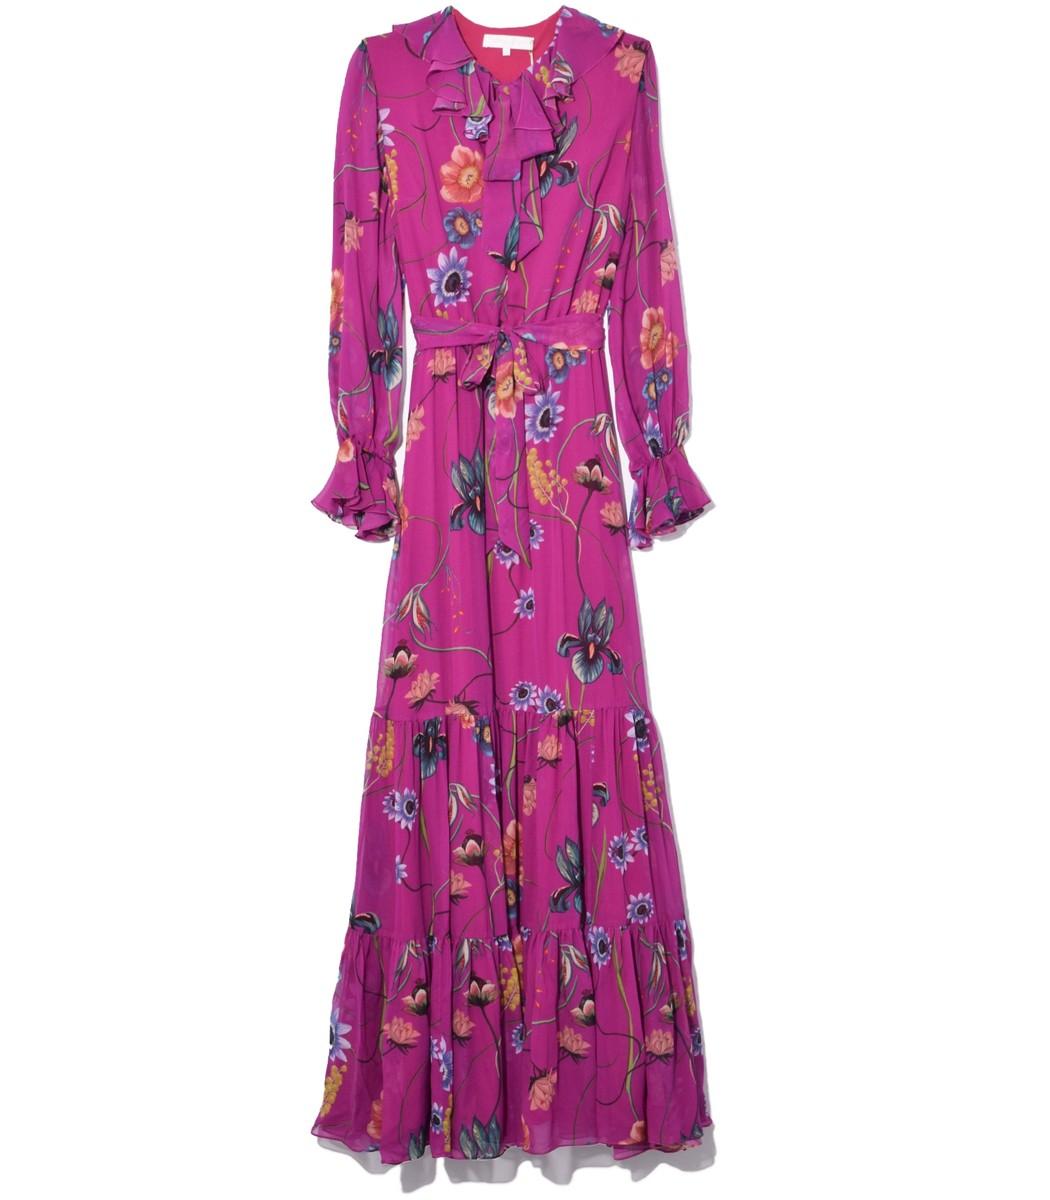 Borgo De Nor Anna Georgette Dress in Fuschia